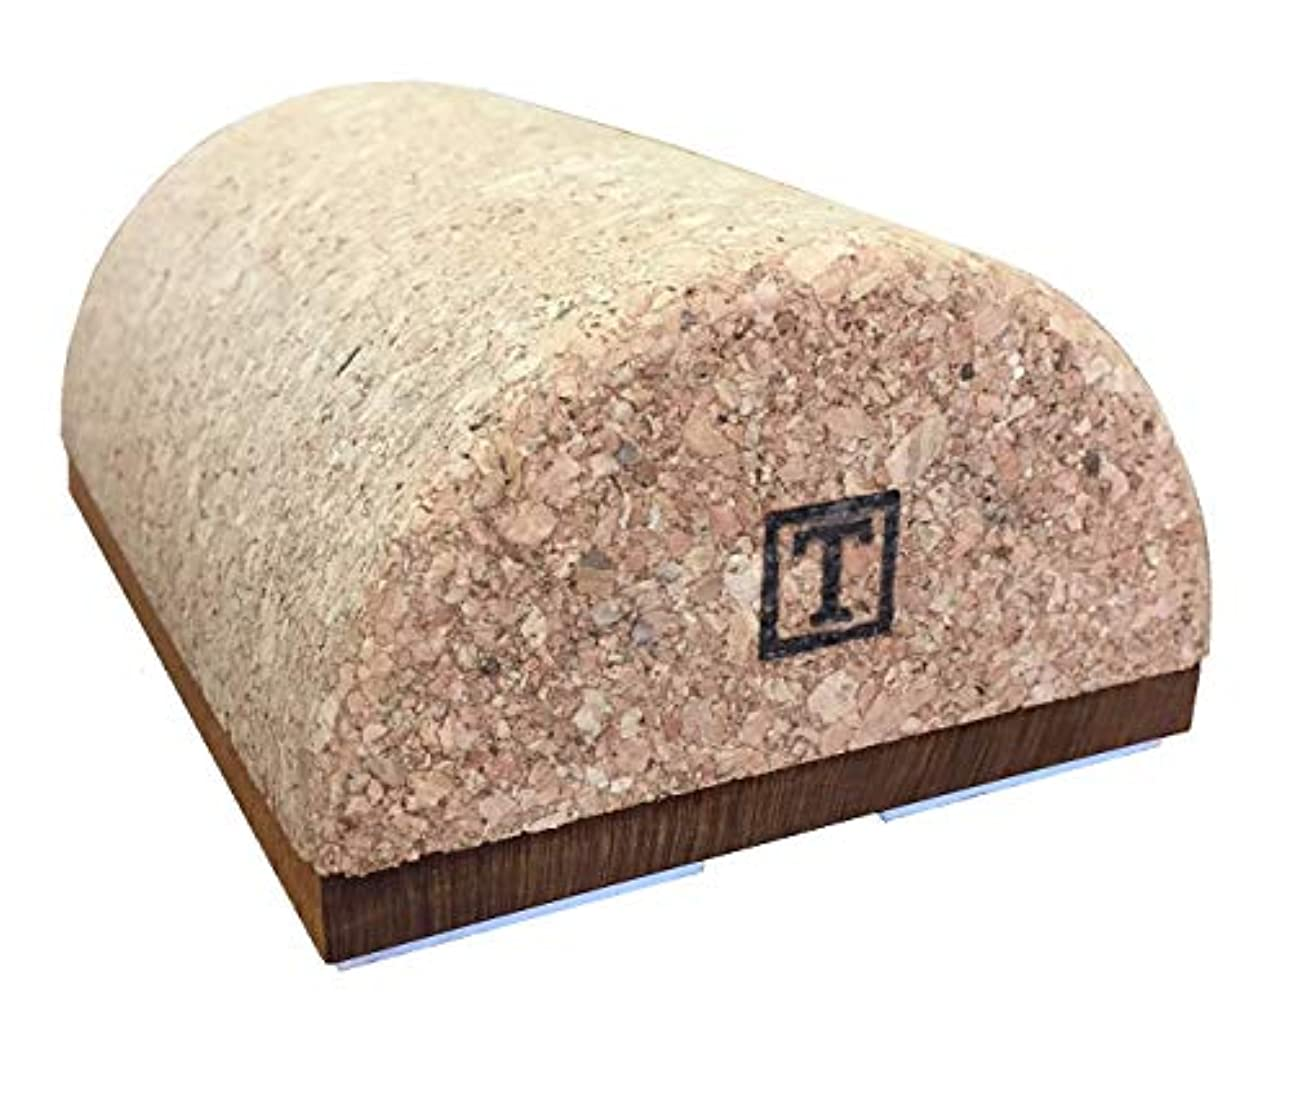 決めますかける書く揉みの木シリーズ マルチタイプ -腰 肩甲骨周辺 わき 骨盤 殿筋 ふくらはぎなどのコリや疲労に-